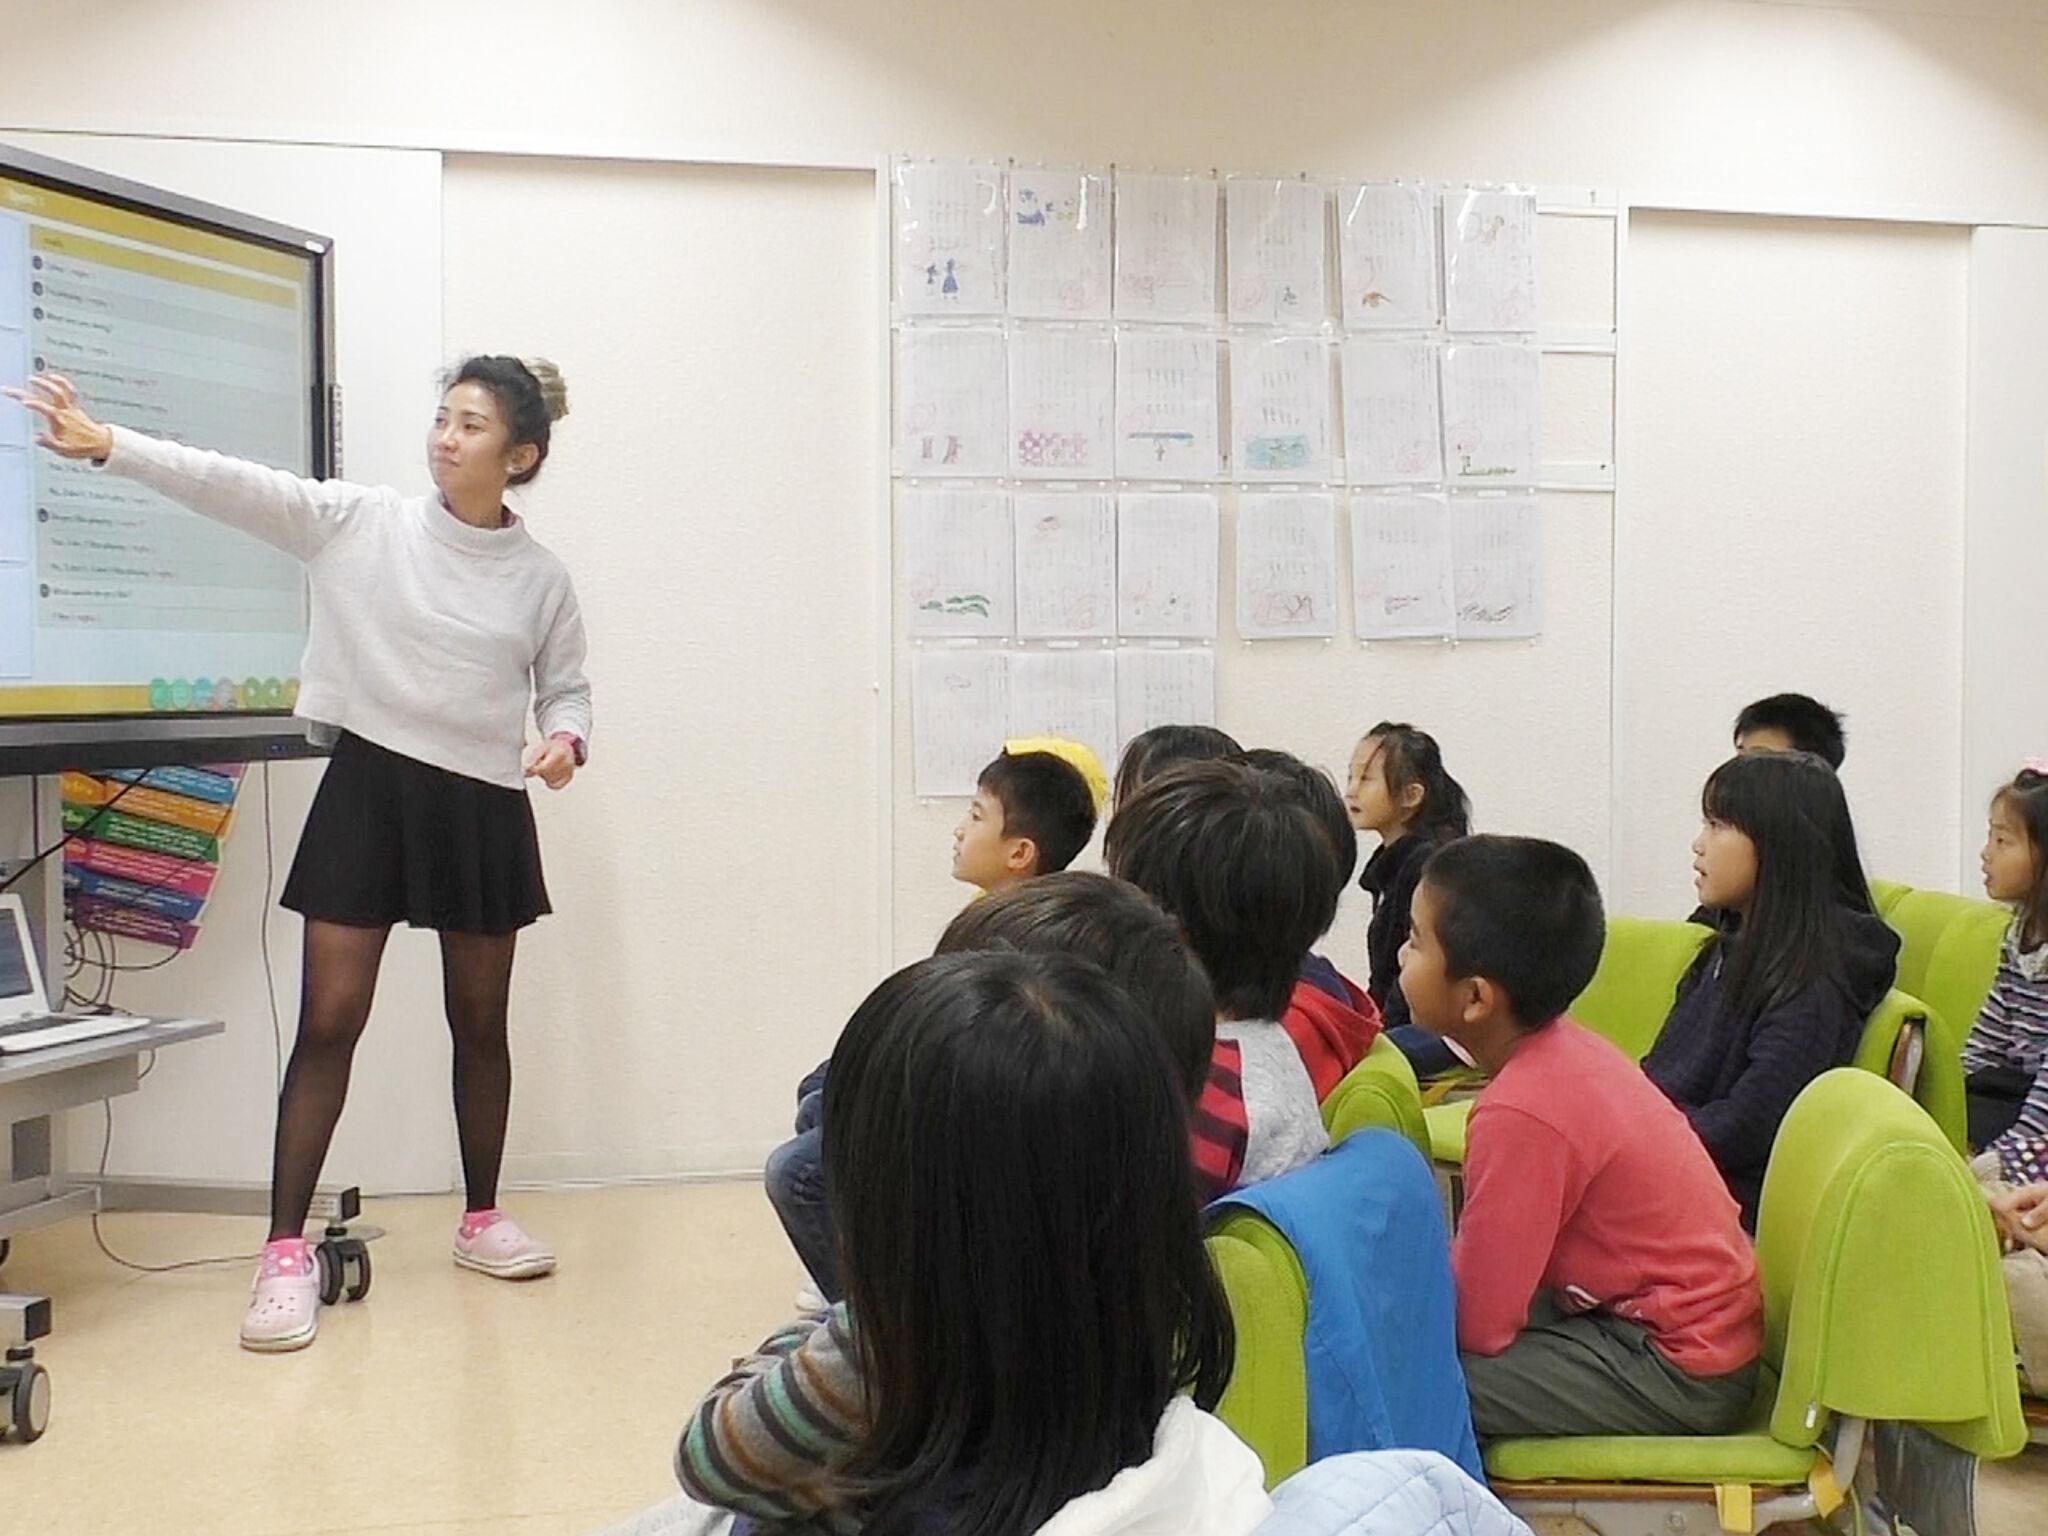 女性のネイティブ講師がスクリーンを指さしながらこどもたちに発音のしかたを教えている様子